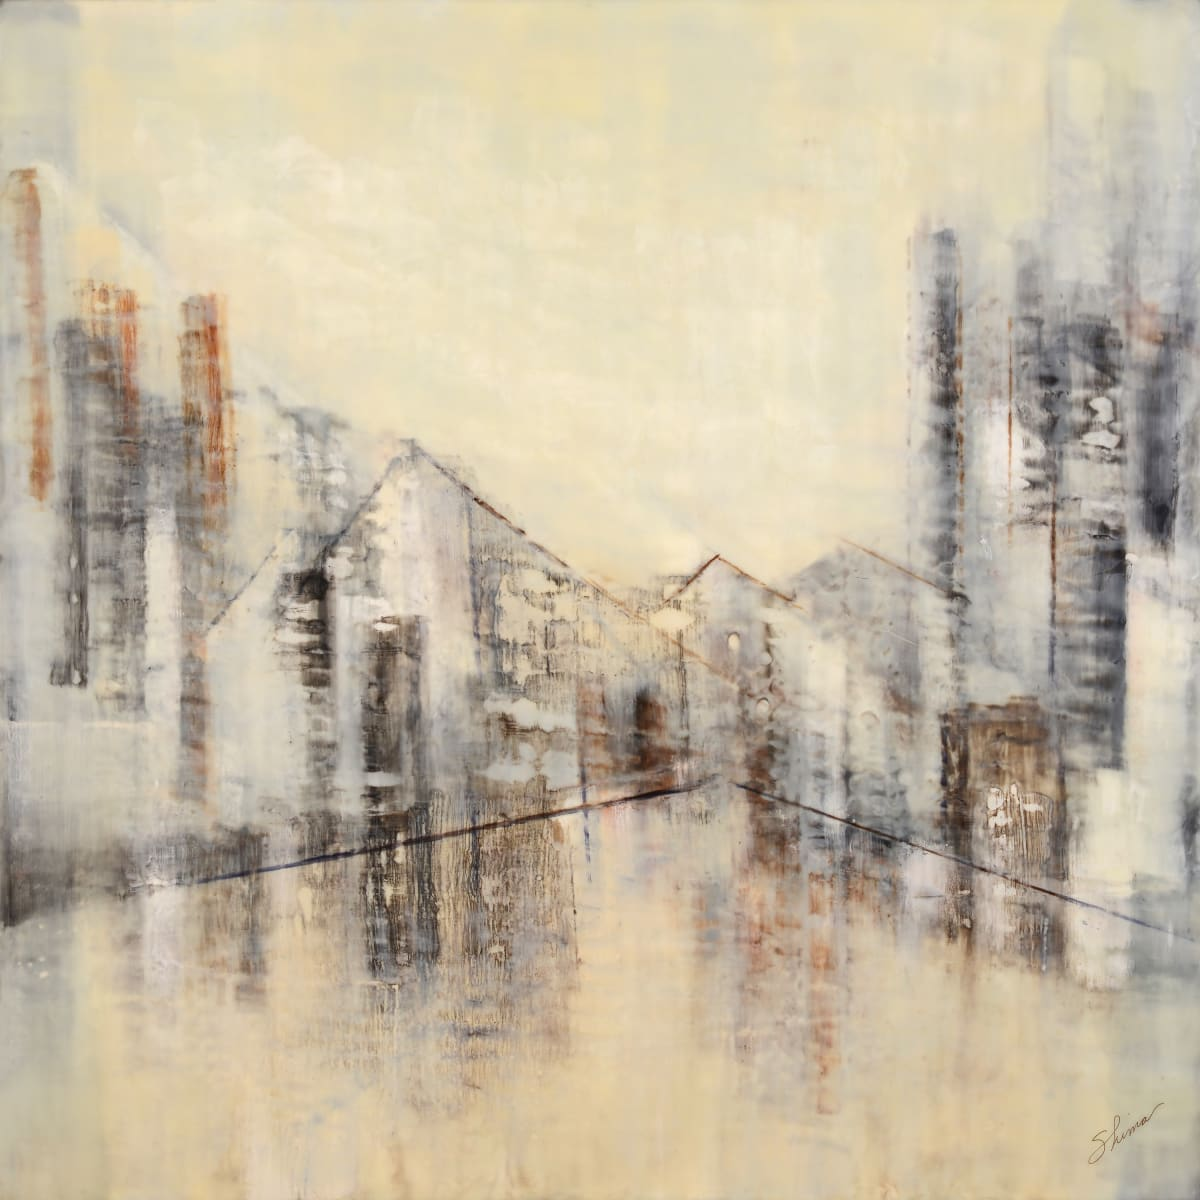 Without A Trace by Shima Shanti